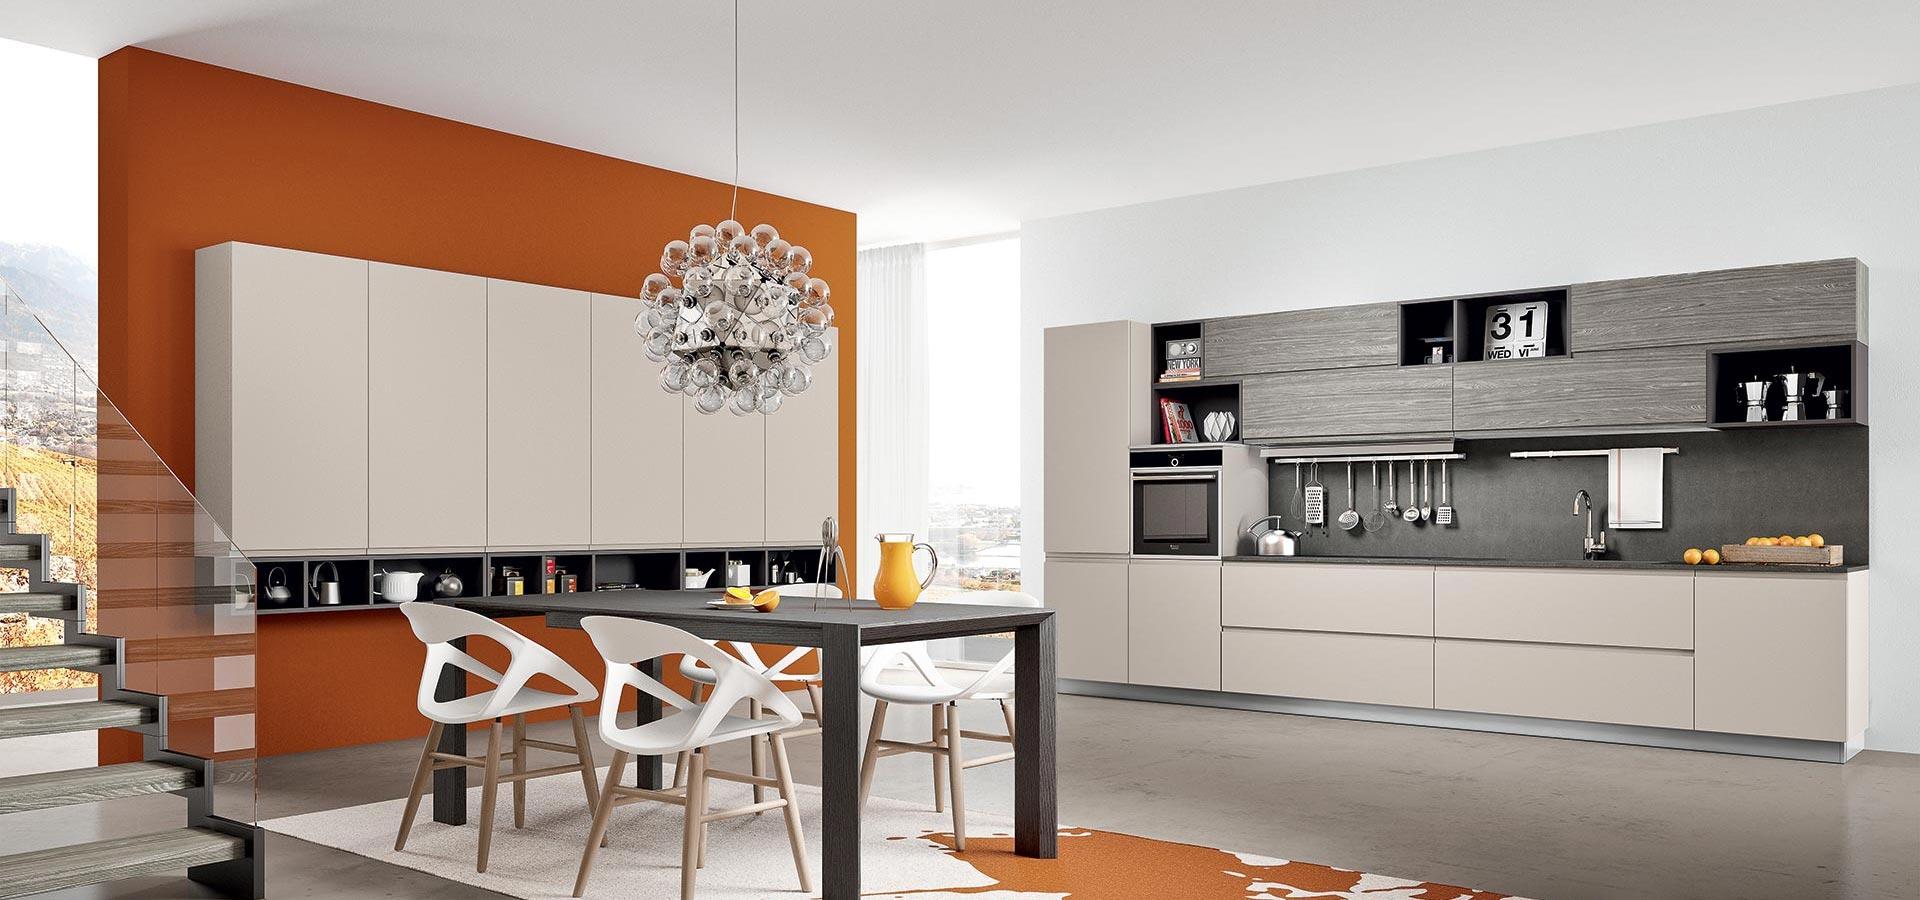 Cucina lineare apertura a gola competa di elettrodomestici rex cucine a prezzi scontati - Foto cucine moderne ...